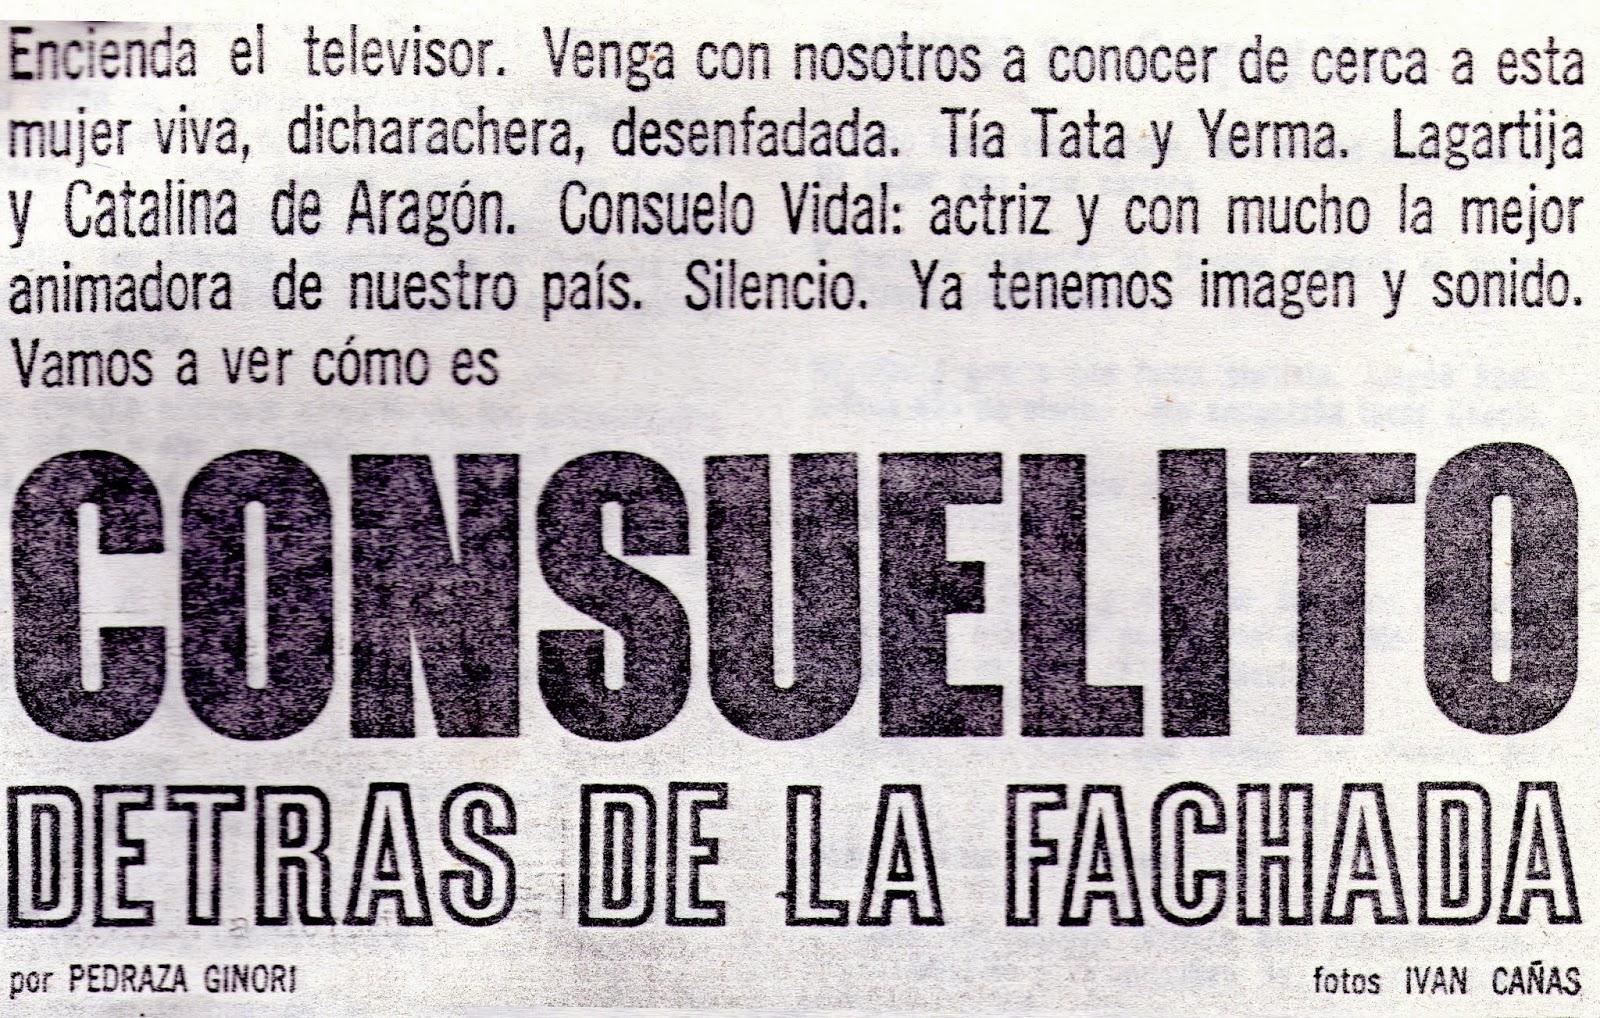 Detras Fachada Detrás de la Fachada